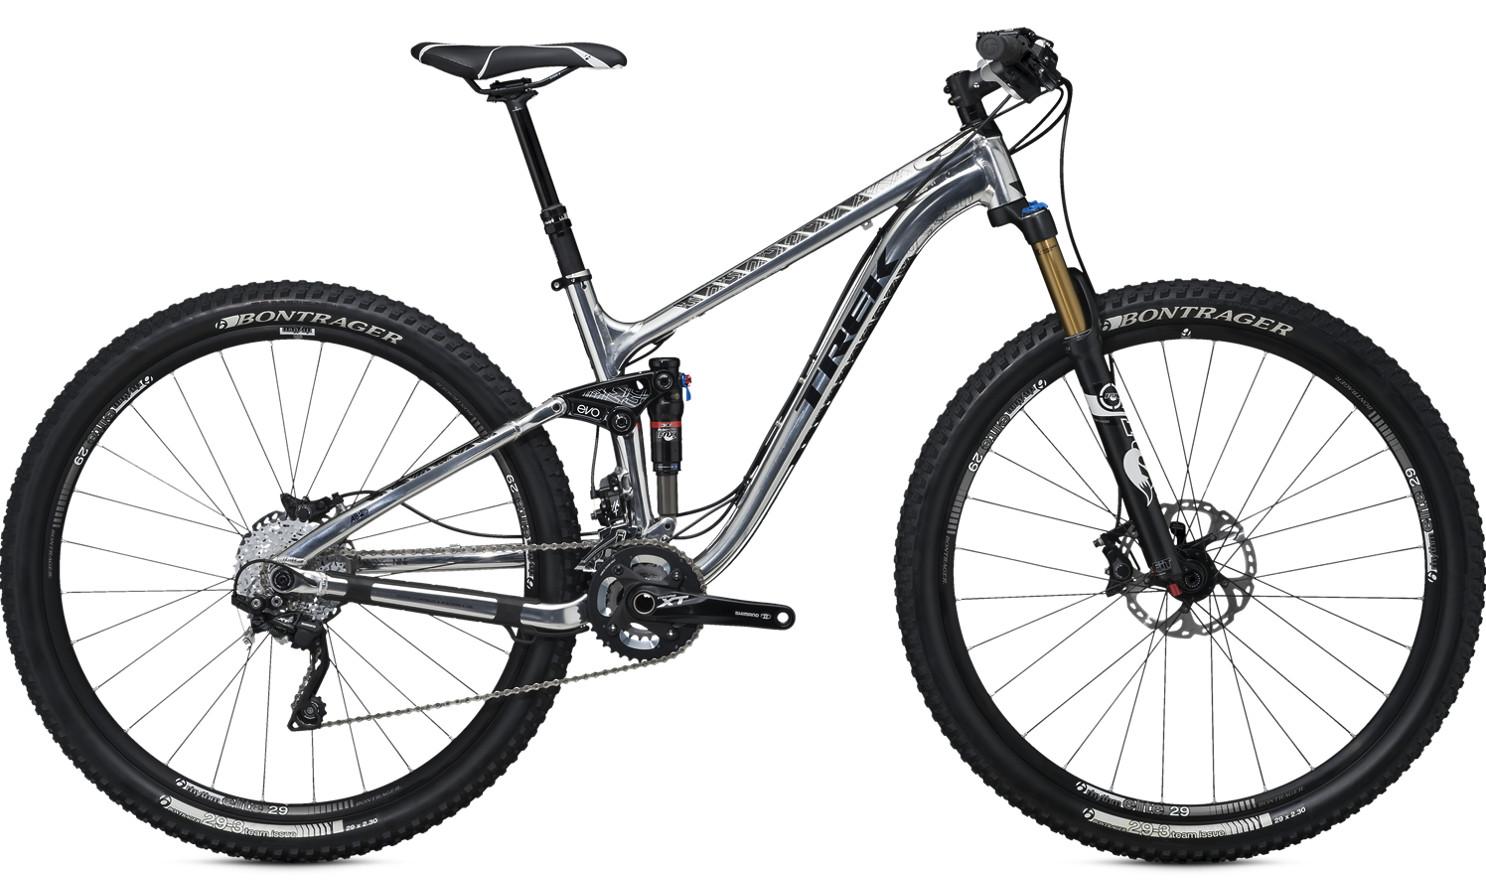 2014 Trek Fuel EX 9 29 Bike 2014 Trek Fuel EX 9 29 Bike